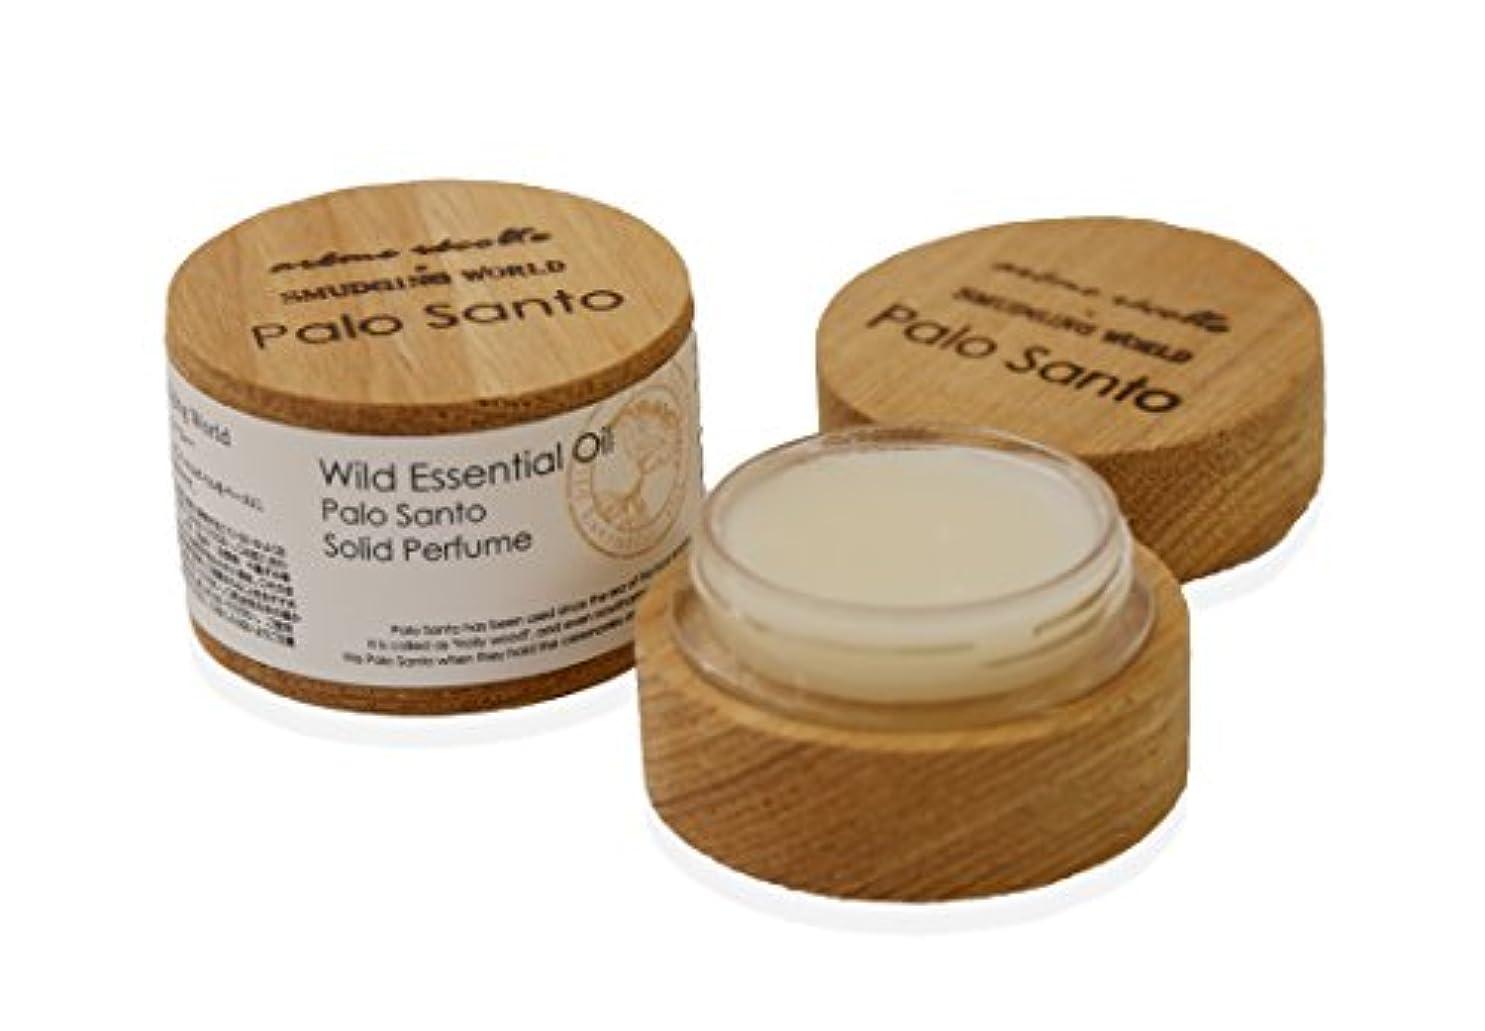 簡略化する残基シャックルアロマレコルト ソリッドパフューム パロサント 【Palo Santo】 ワイルド エッセンシャルオイル wild essential oil solid parfum arome recolte